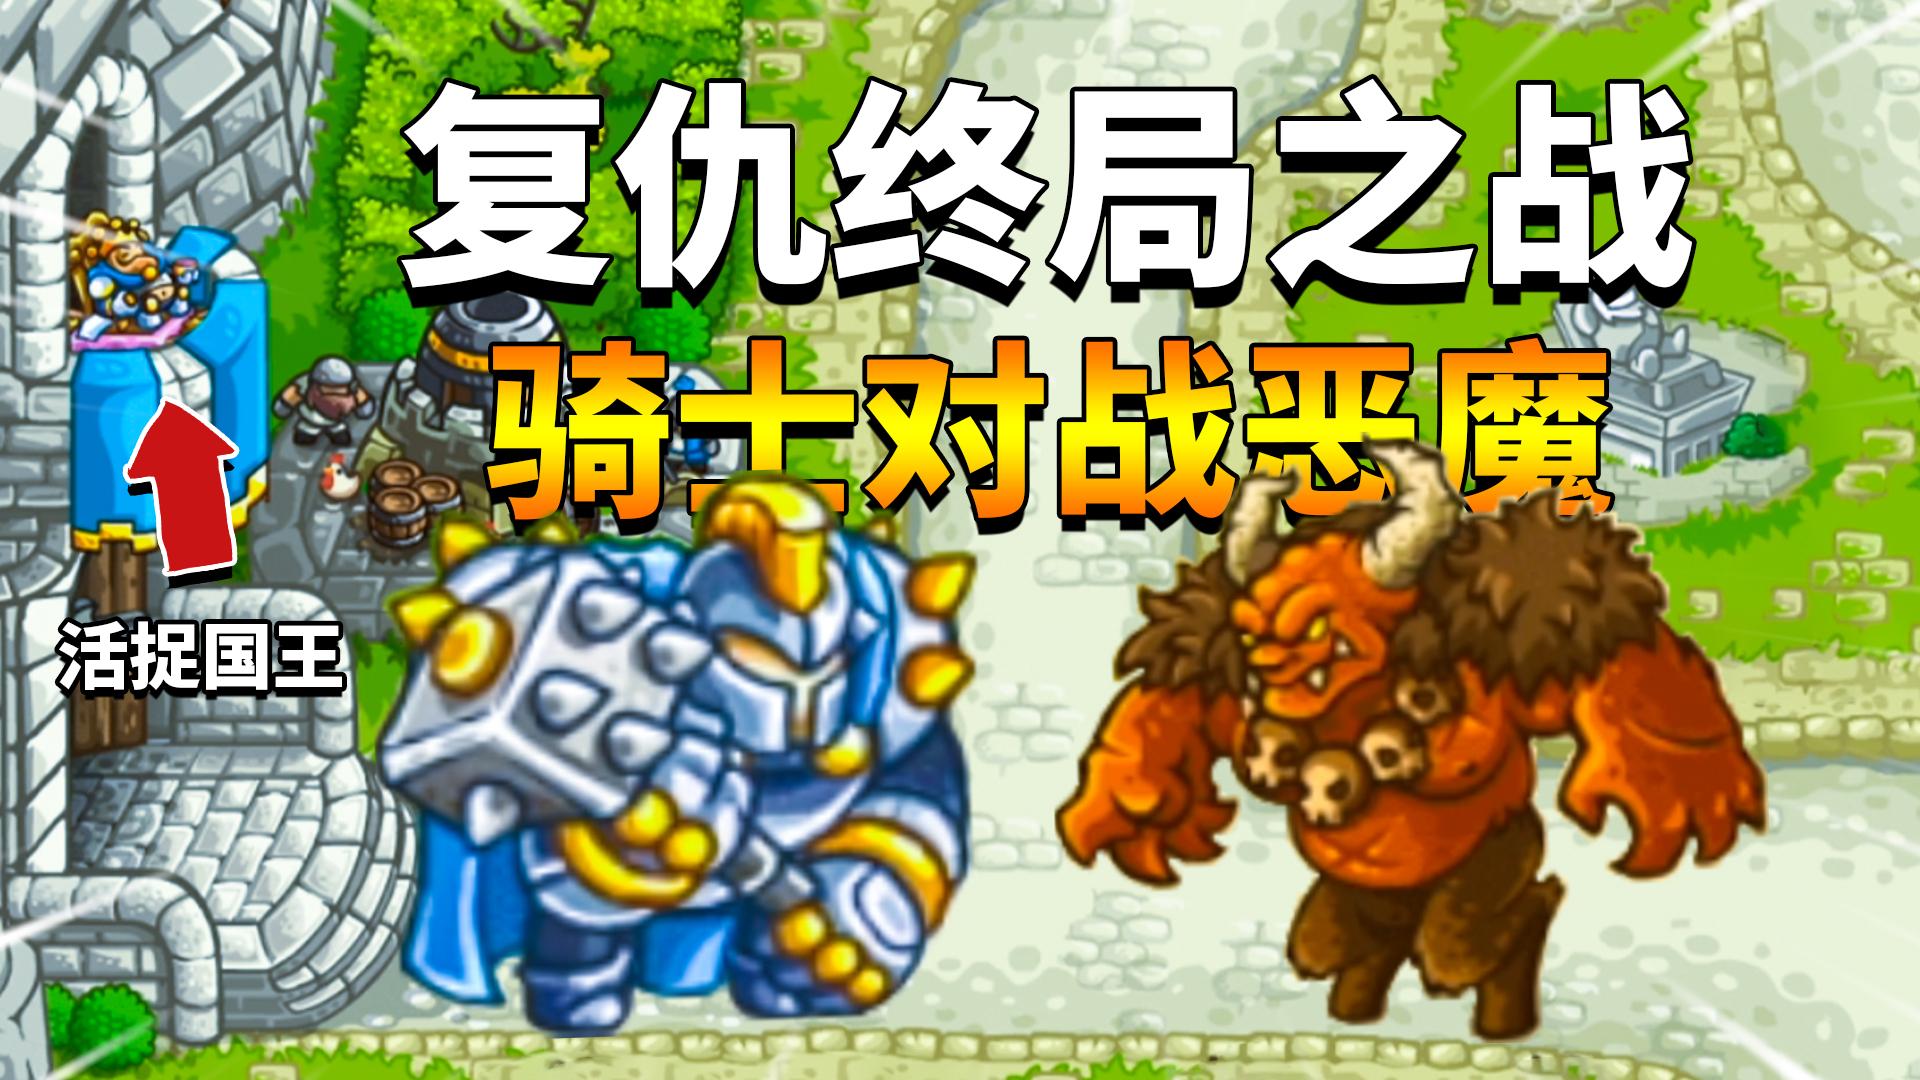 王国保卫战复仇13:大锤骑士对战牛头恶魔,活捉国王占领城堡!